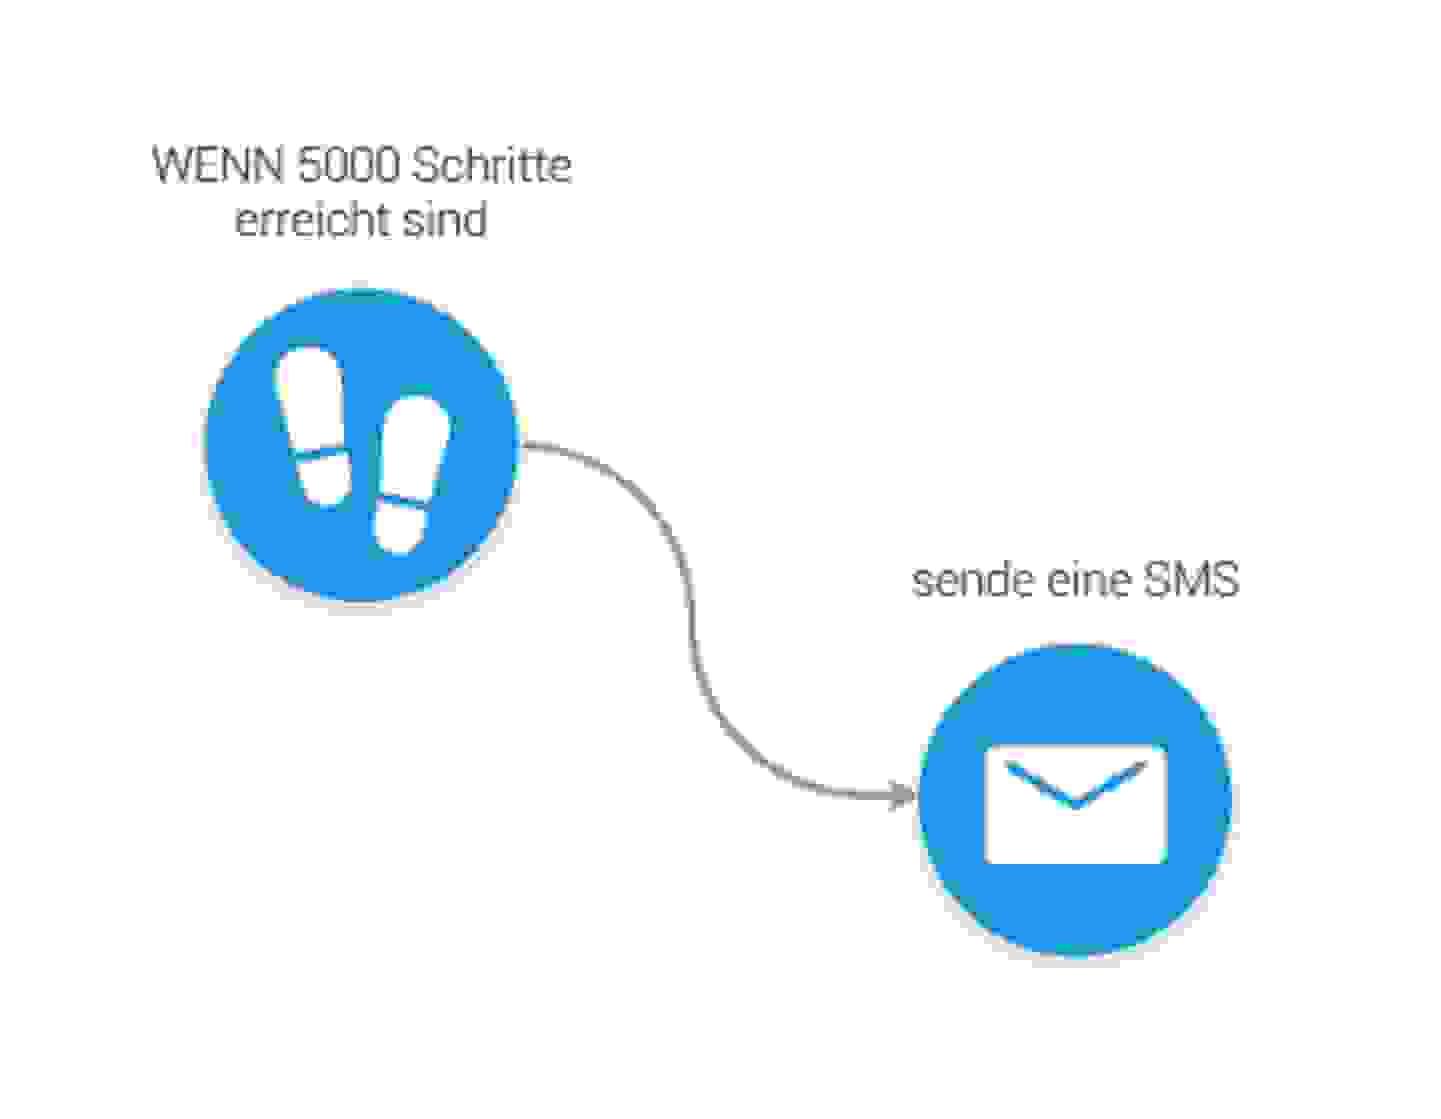 In Bewegung bleiben - Schick mir eine SMS, wenn 5000 Schritte erreicht sind - Conrad Connect Projekt